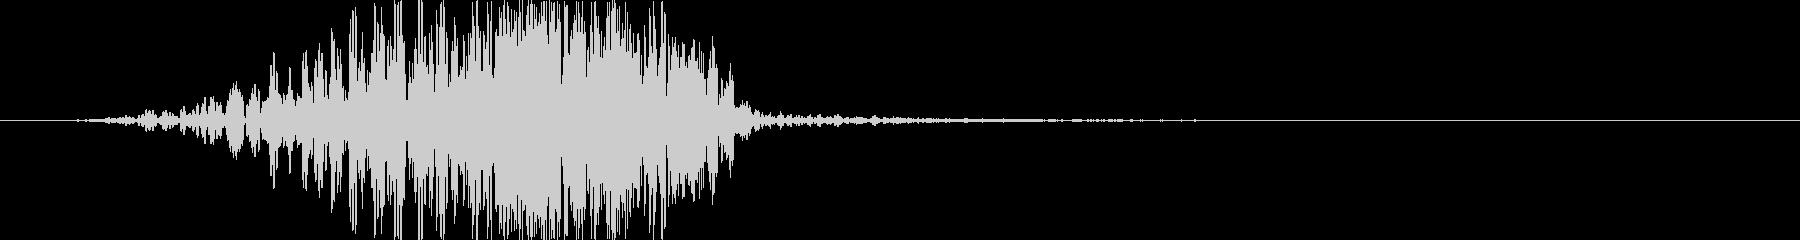 トランジション フラッシュ24の未再生の波形